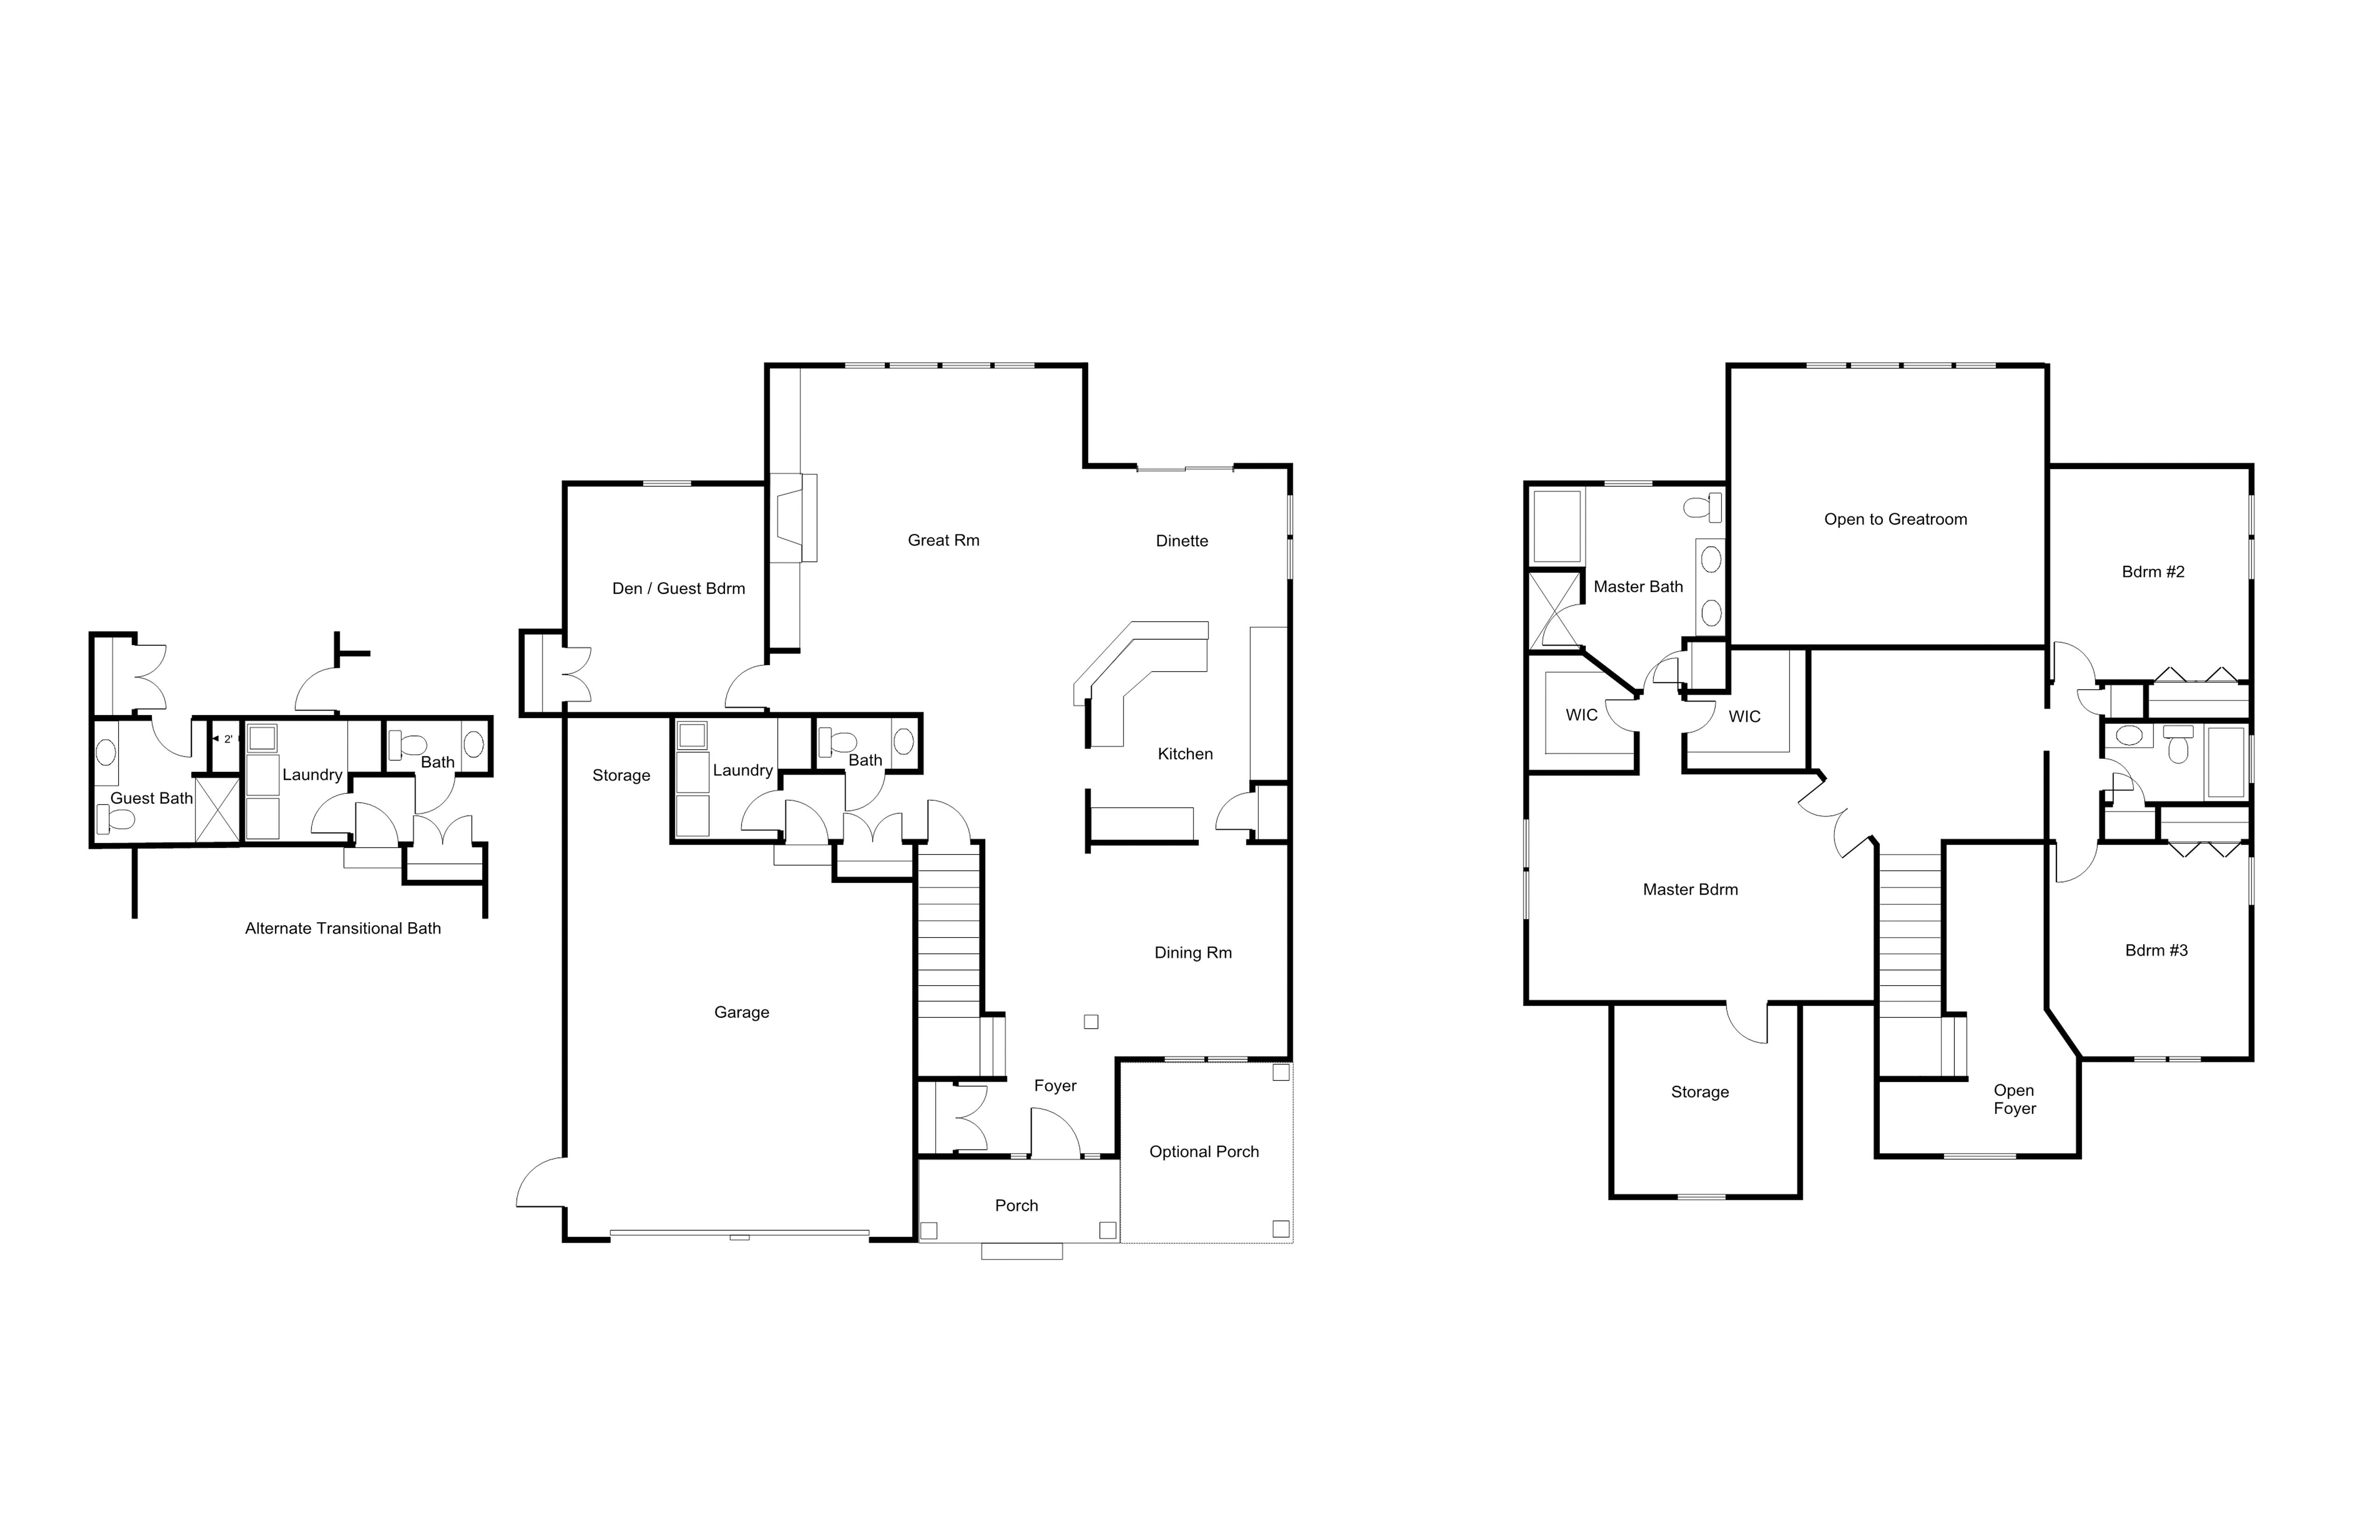 28 Avalon Meadows Floor Plan